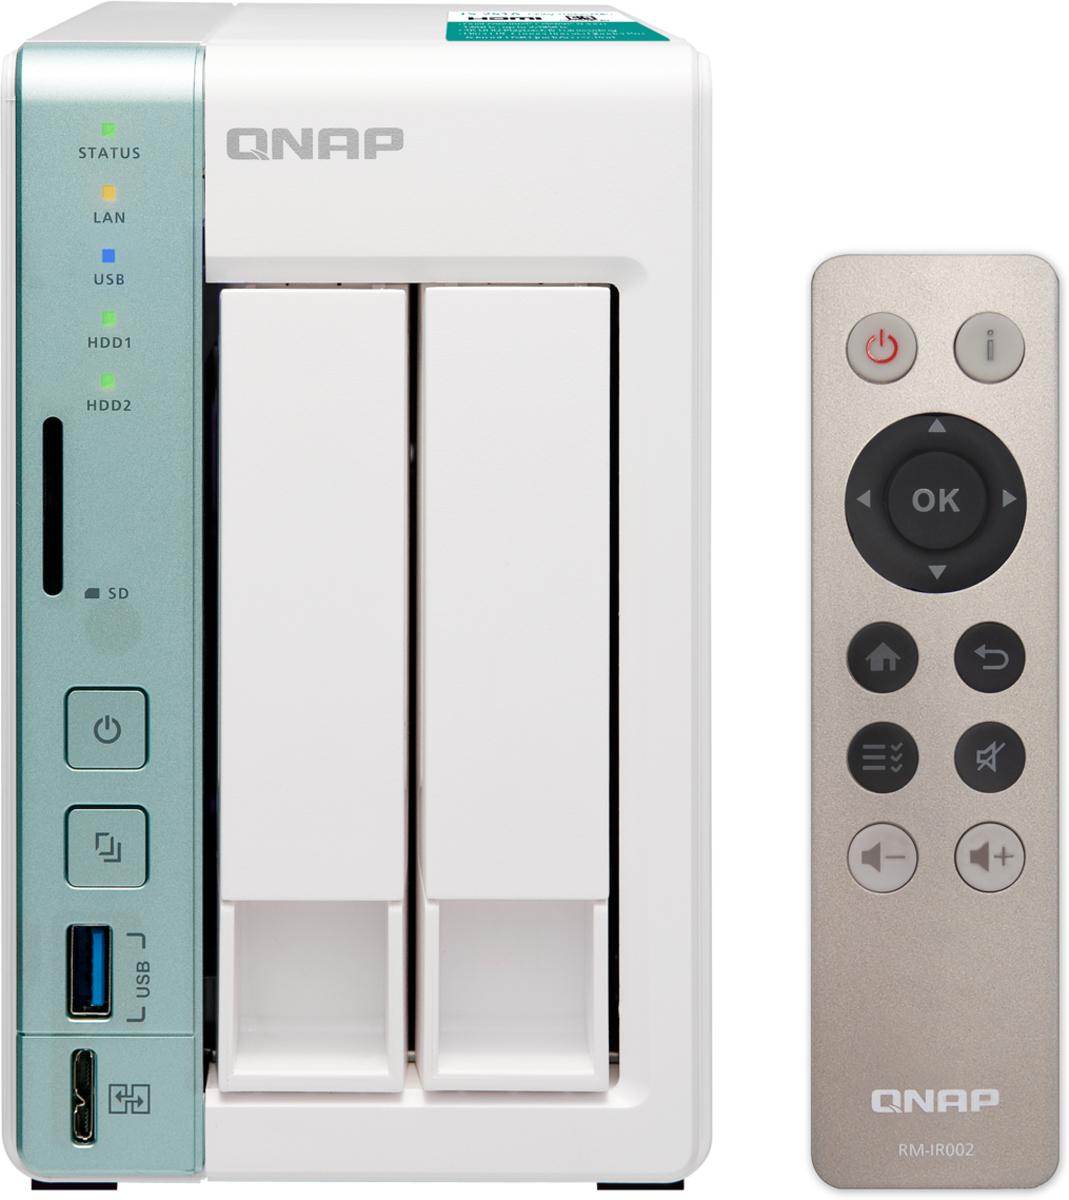 QNAP TS-251A-2G 20TB сетевое хранилище502079Cетевой накопитель QNAP TS-251A-2G Сетевой RAID-накопитель, 2 отсека для HDD, с функцией USB Quick Access, HDMI-порт. Intel Celeron N3060 1,6 ГГц (до